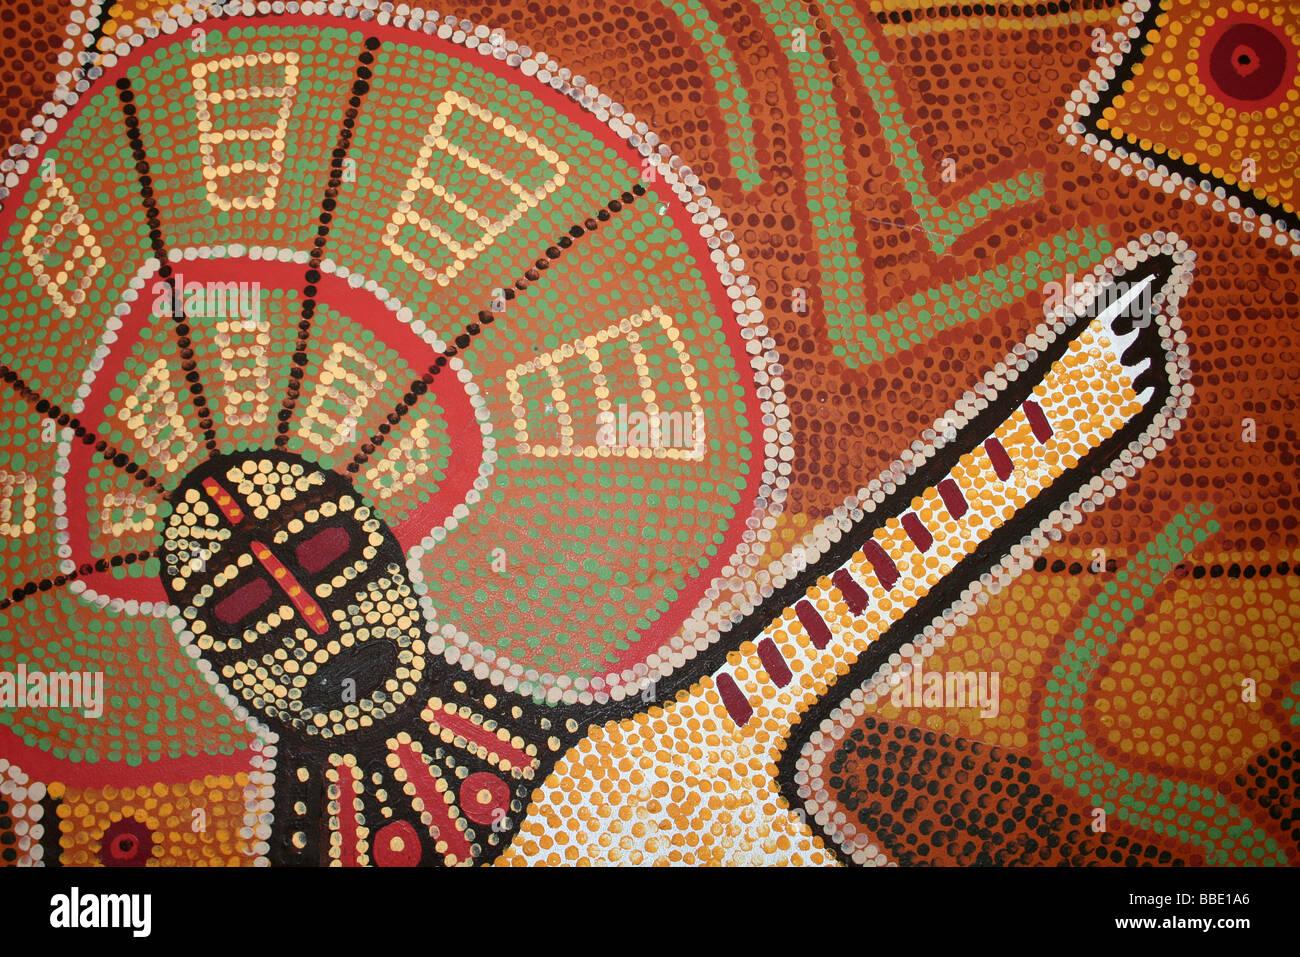 Aboriginal Dreamtime Story Stock Photos & Aboriginal Dreamtime ...